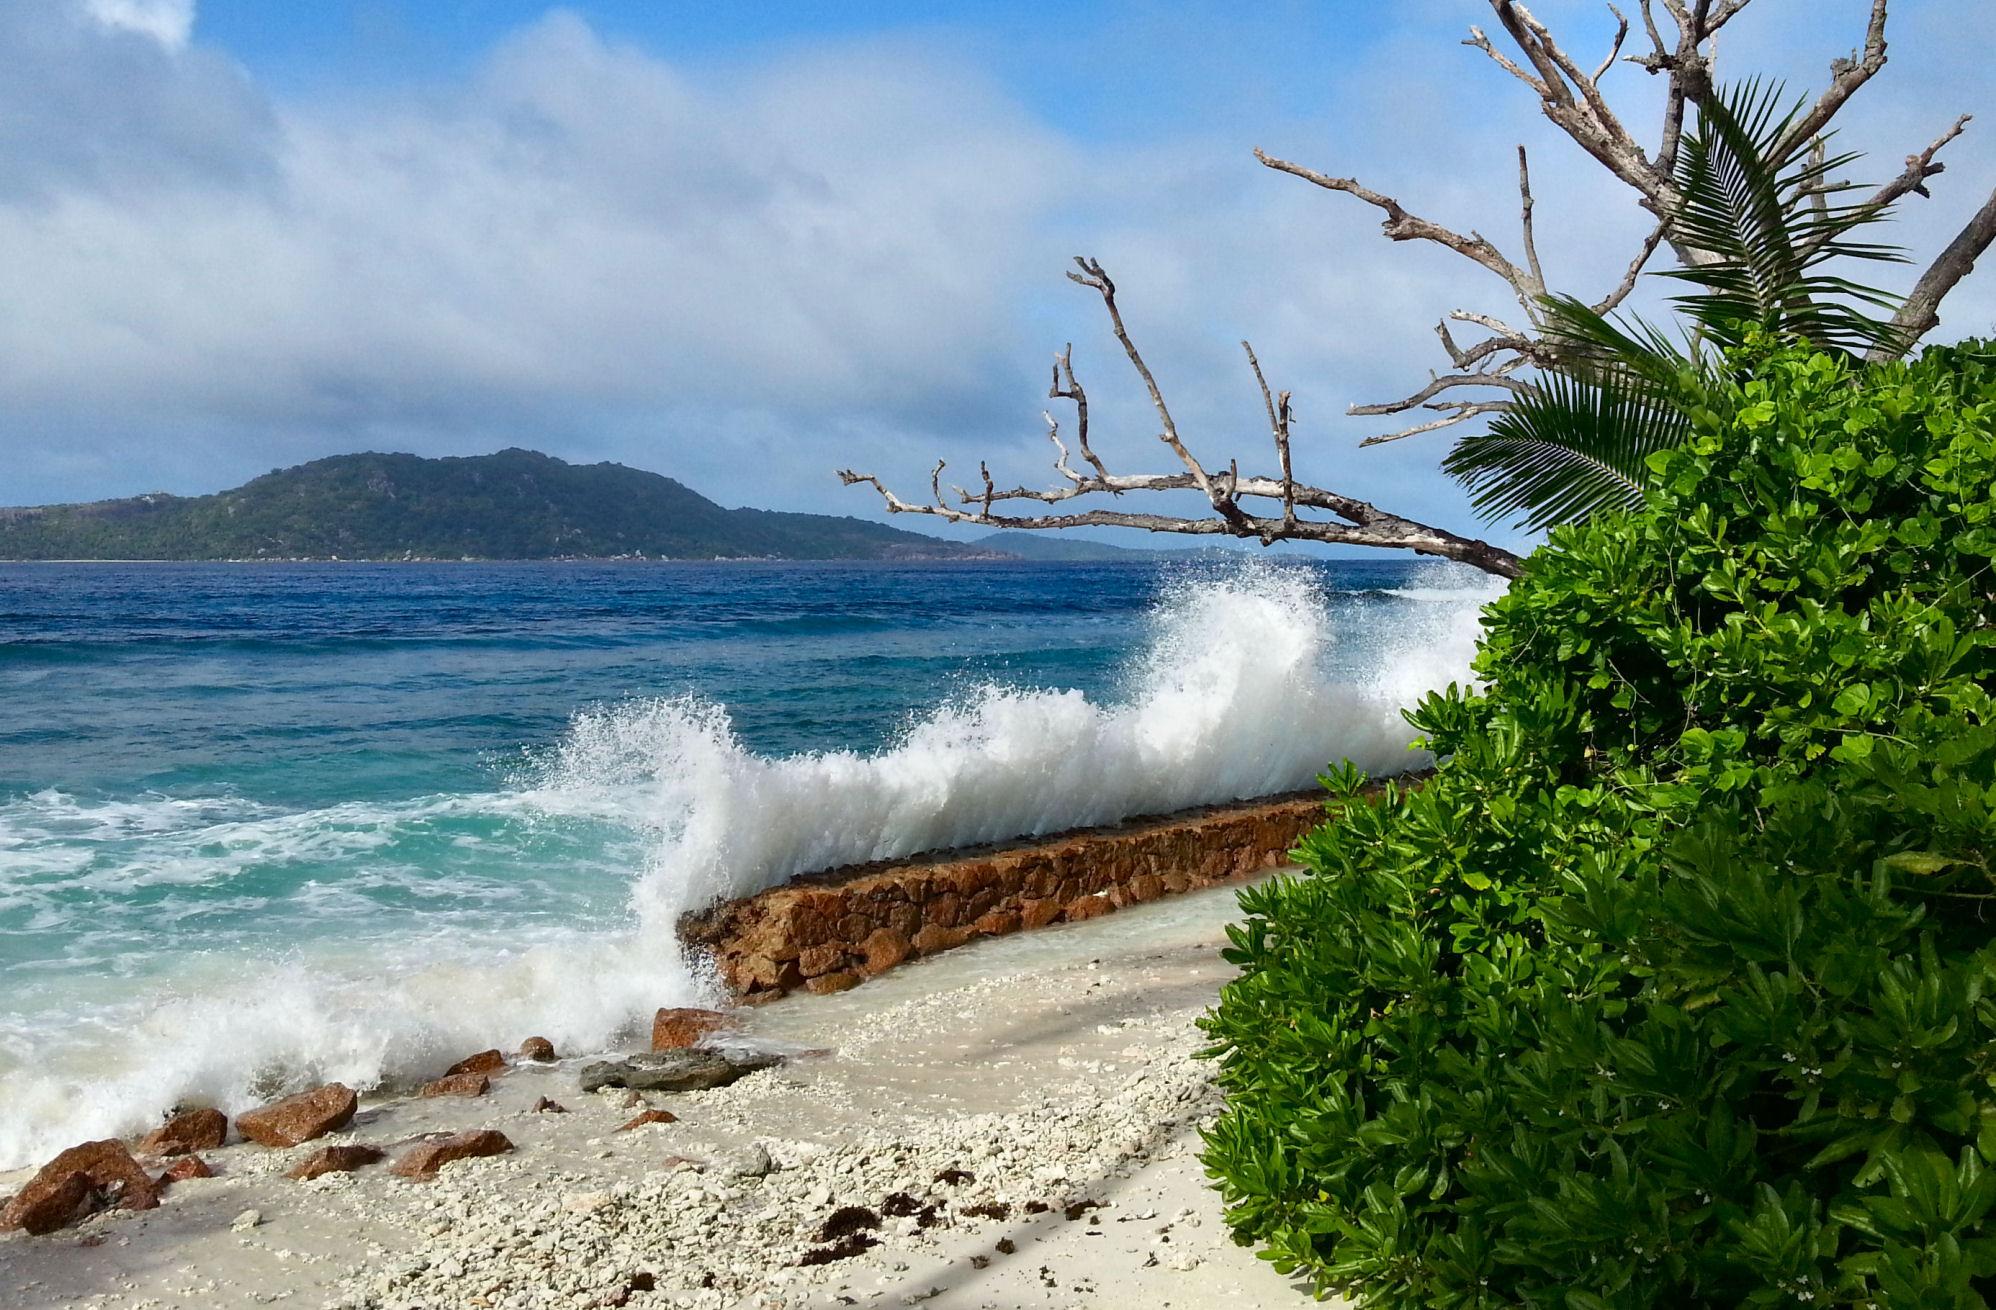 Pic taken in La Digue Island, Seychelles